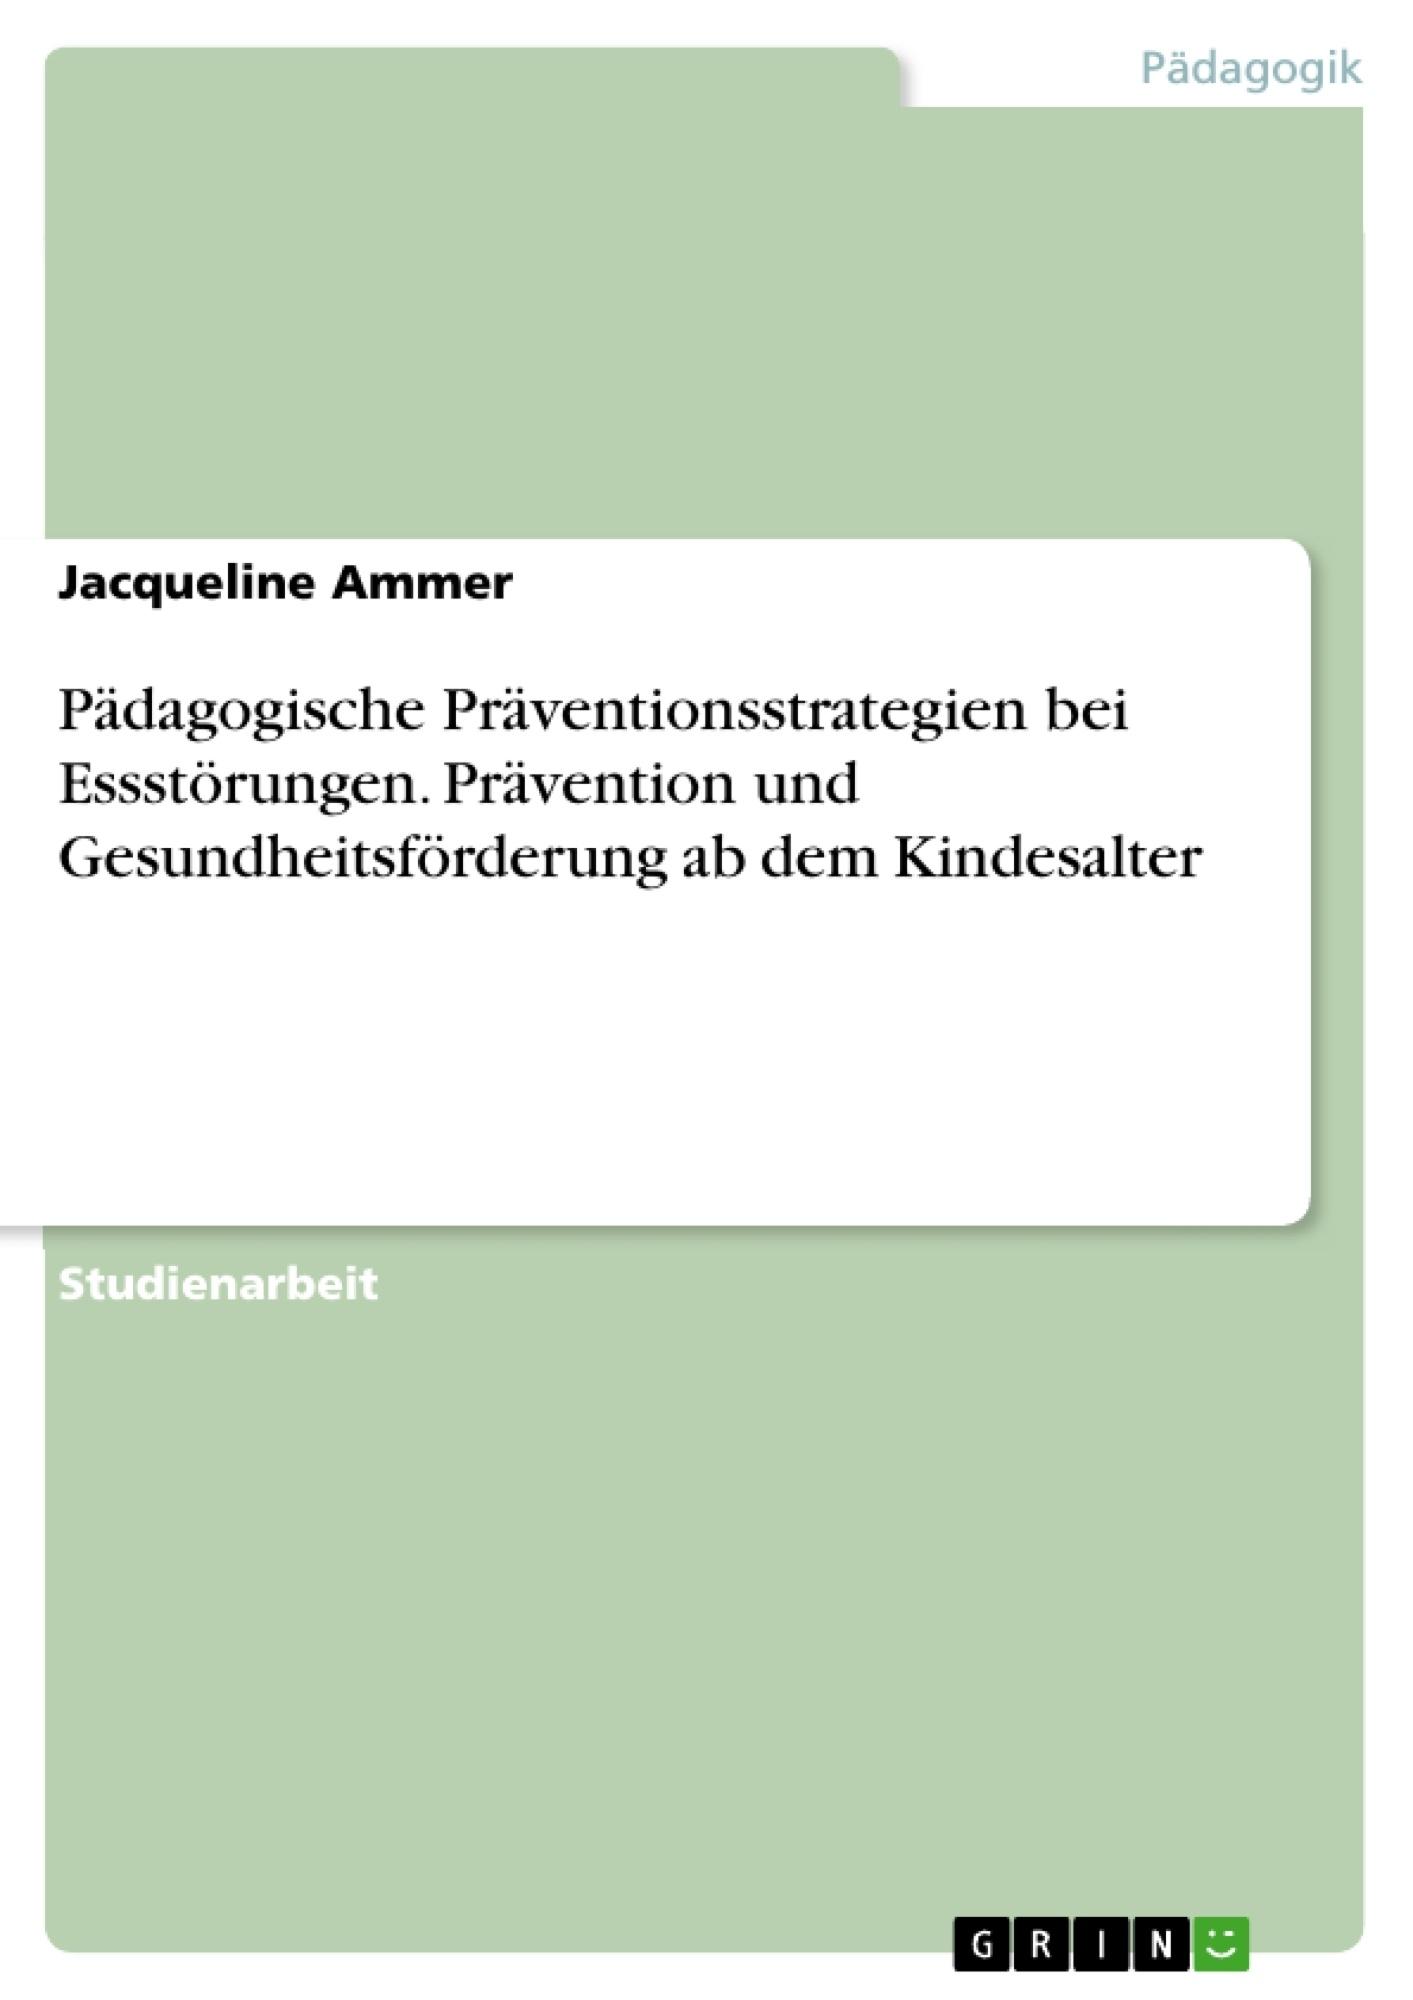 Titel: Pädagogische Präventionsstrategien bei Essstörungen. Prävention und Gesundheitsförderung ab dem Kindesalter